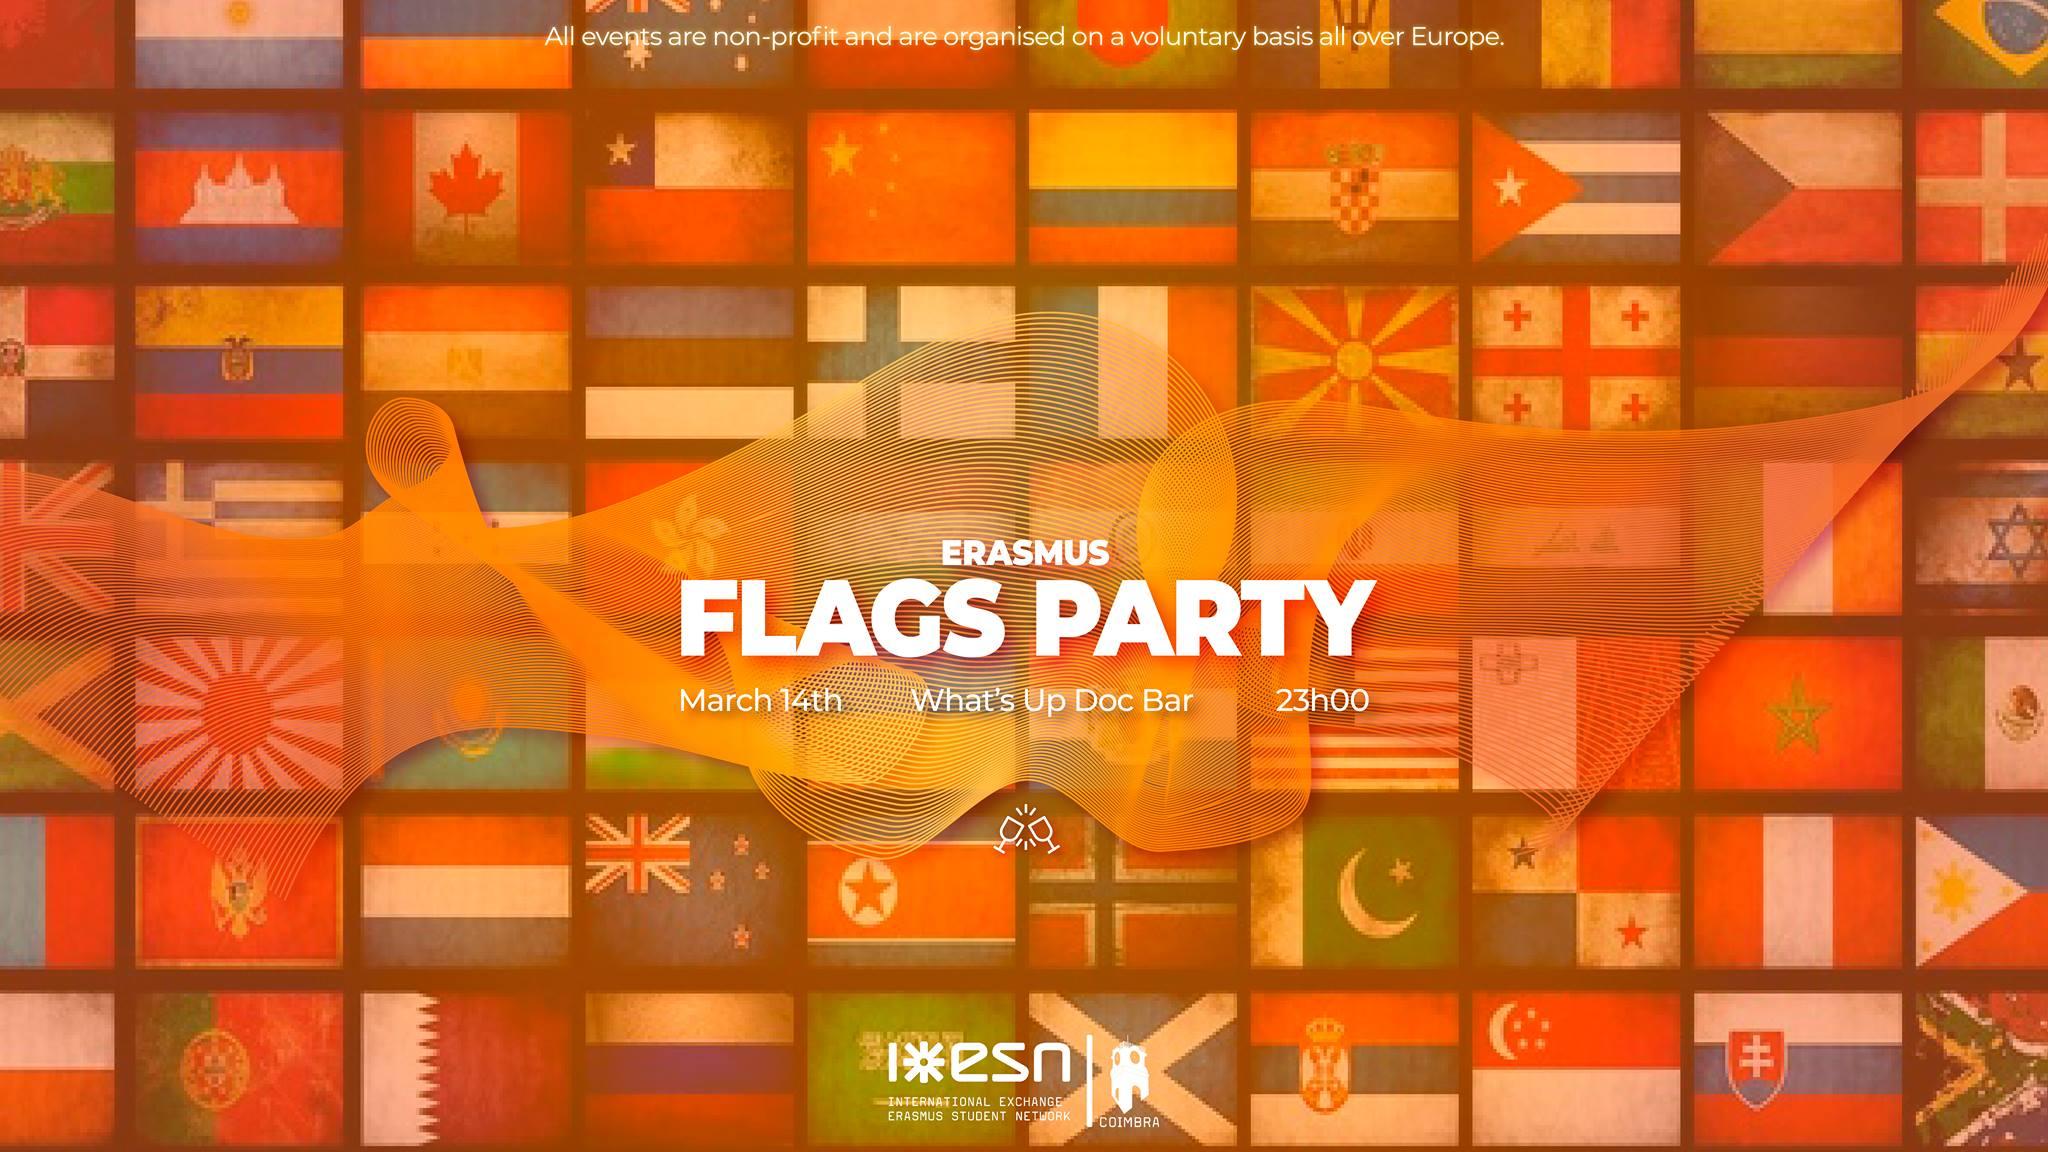 Erasmus Flags Party Esn Coimbra